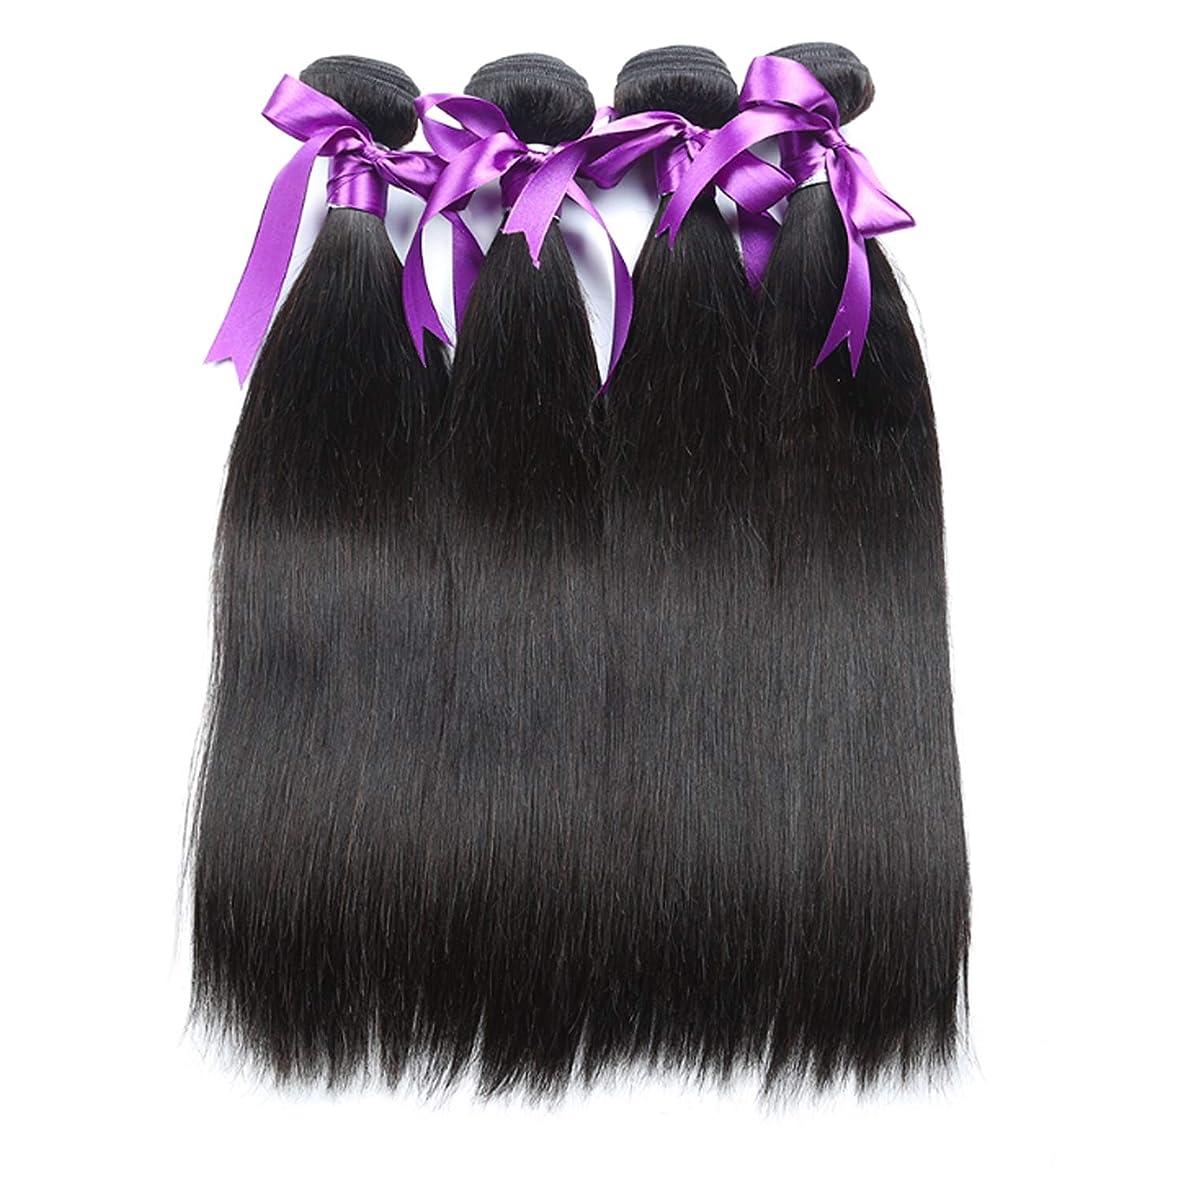 顔料驚サイトライン人毛バンドルブラジルストレートヘア非レミーヘアエクステンションナチュラルブラックヘアエクステンション4個 かつら (Length : 18 18 18 18)